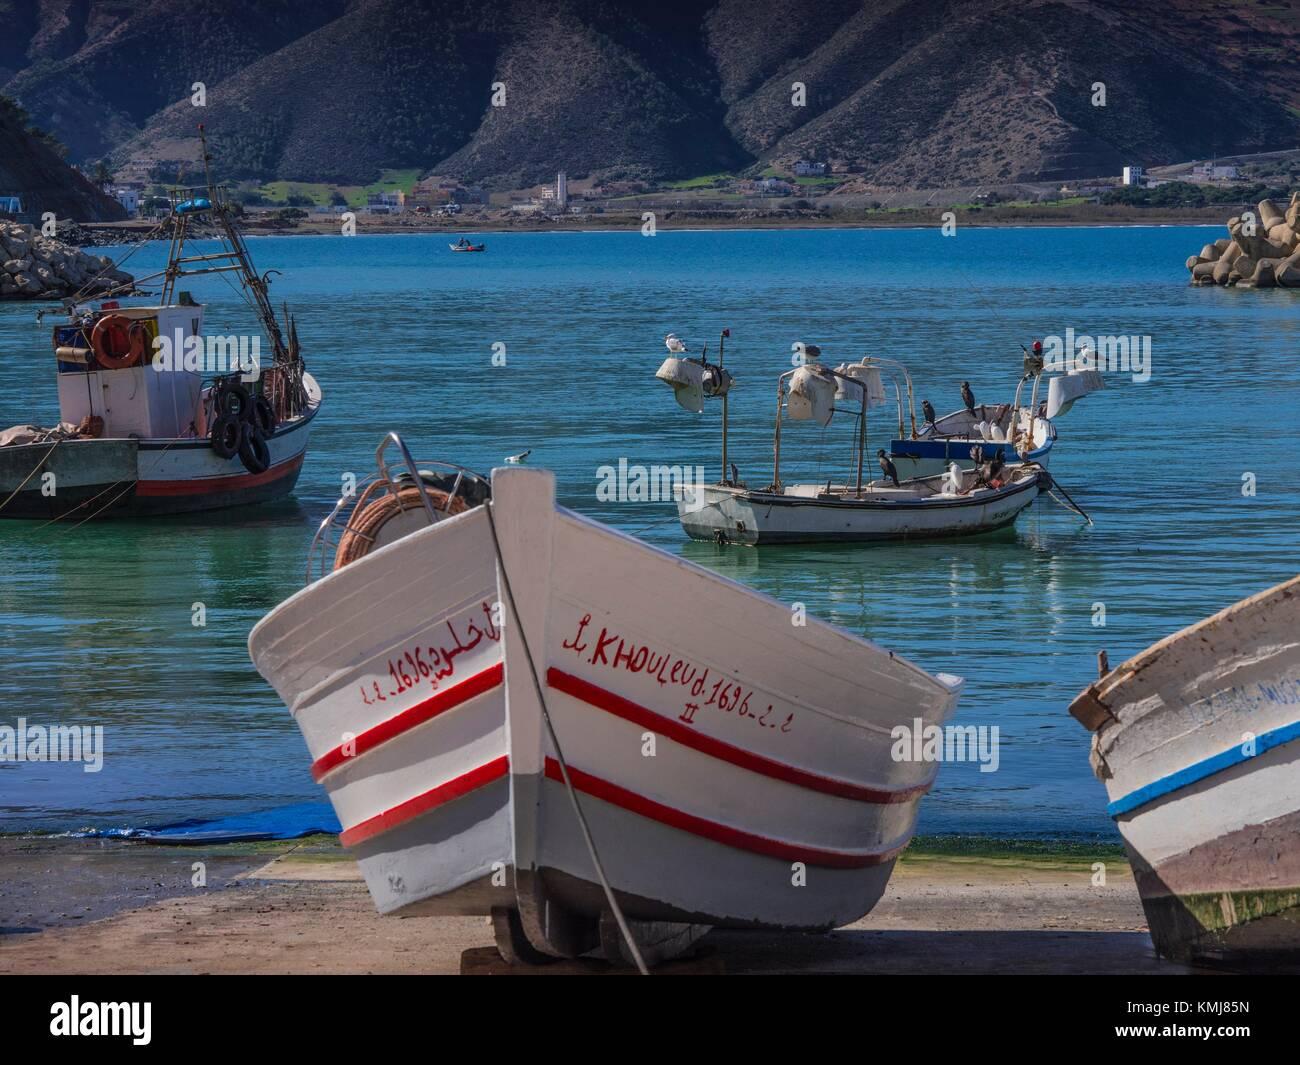 Il Marocco, a Saba, sulla parte settentrionale della costa mediterranea. Immagini Stock